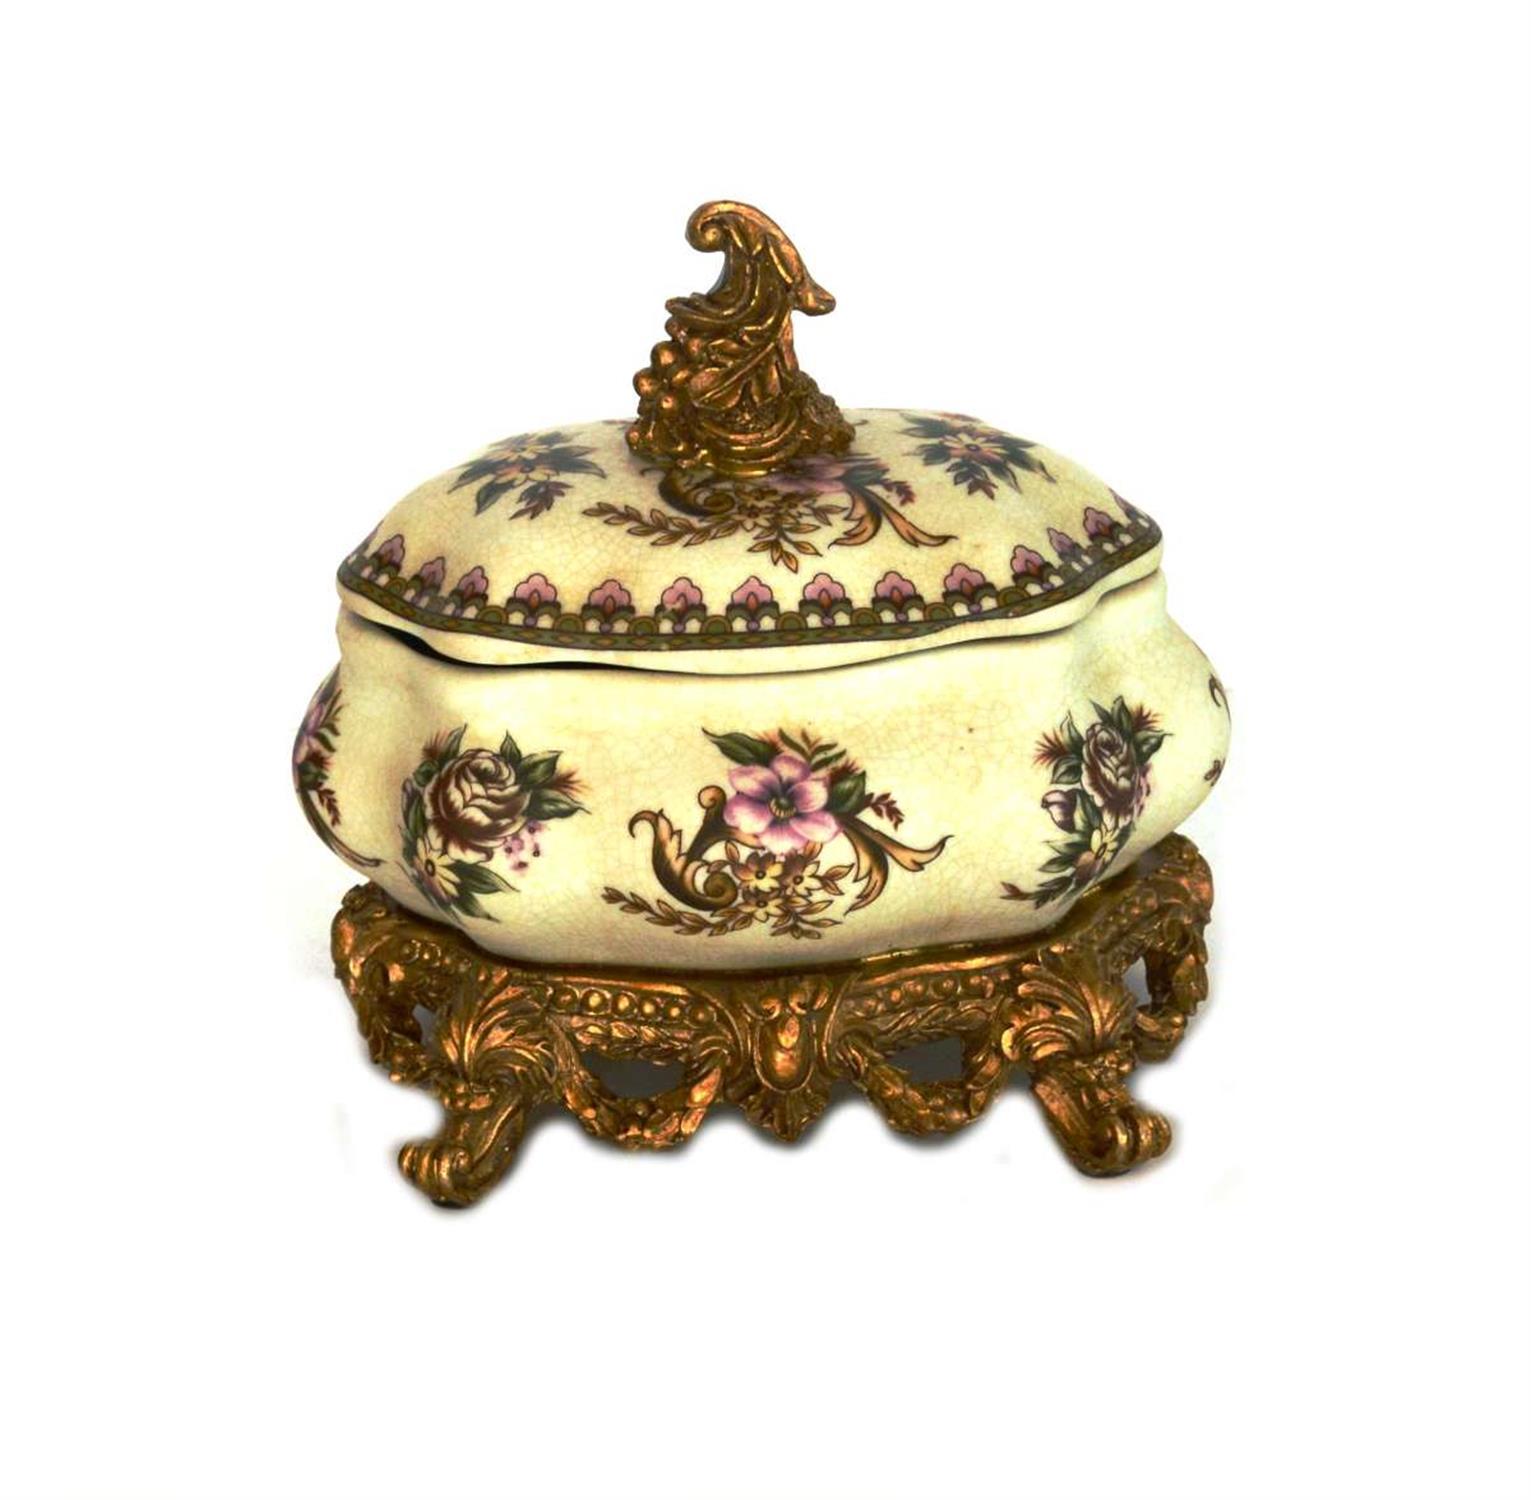 Δοχείο κρακελέ χρυσή βάση πόδια και καπάκι λουλούδια 18x19x15cm